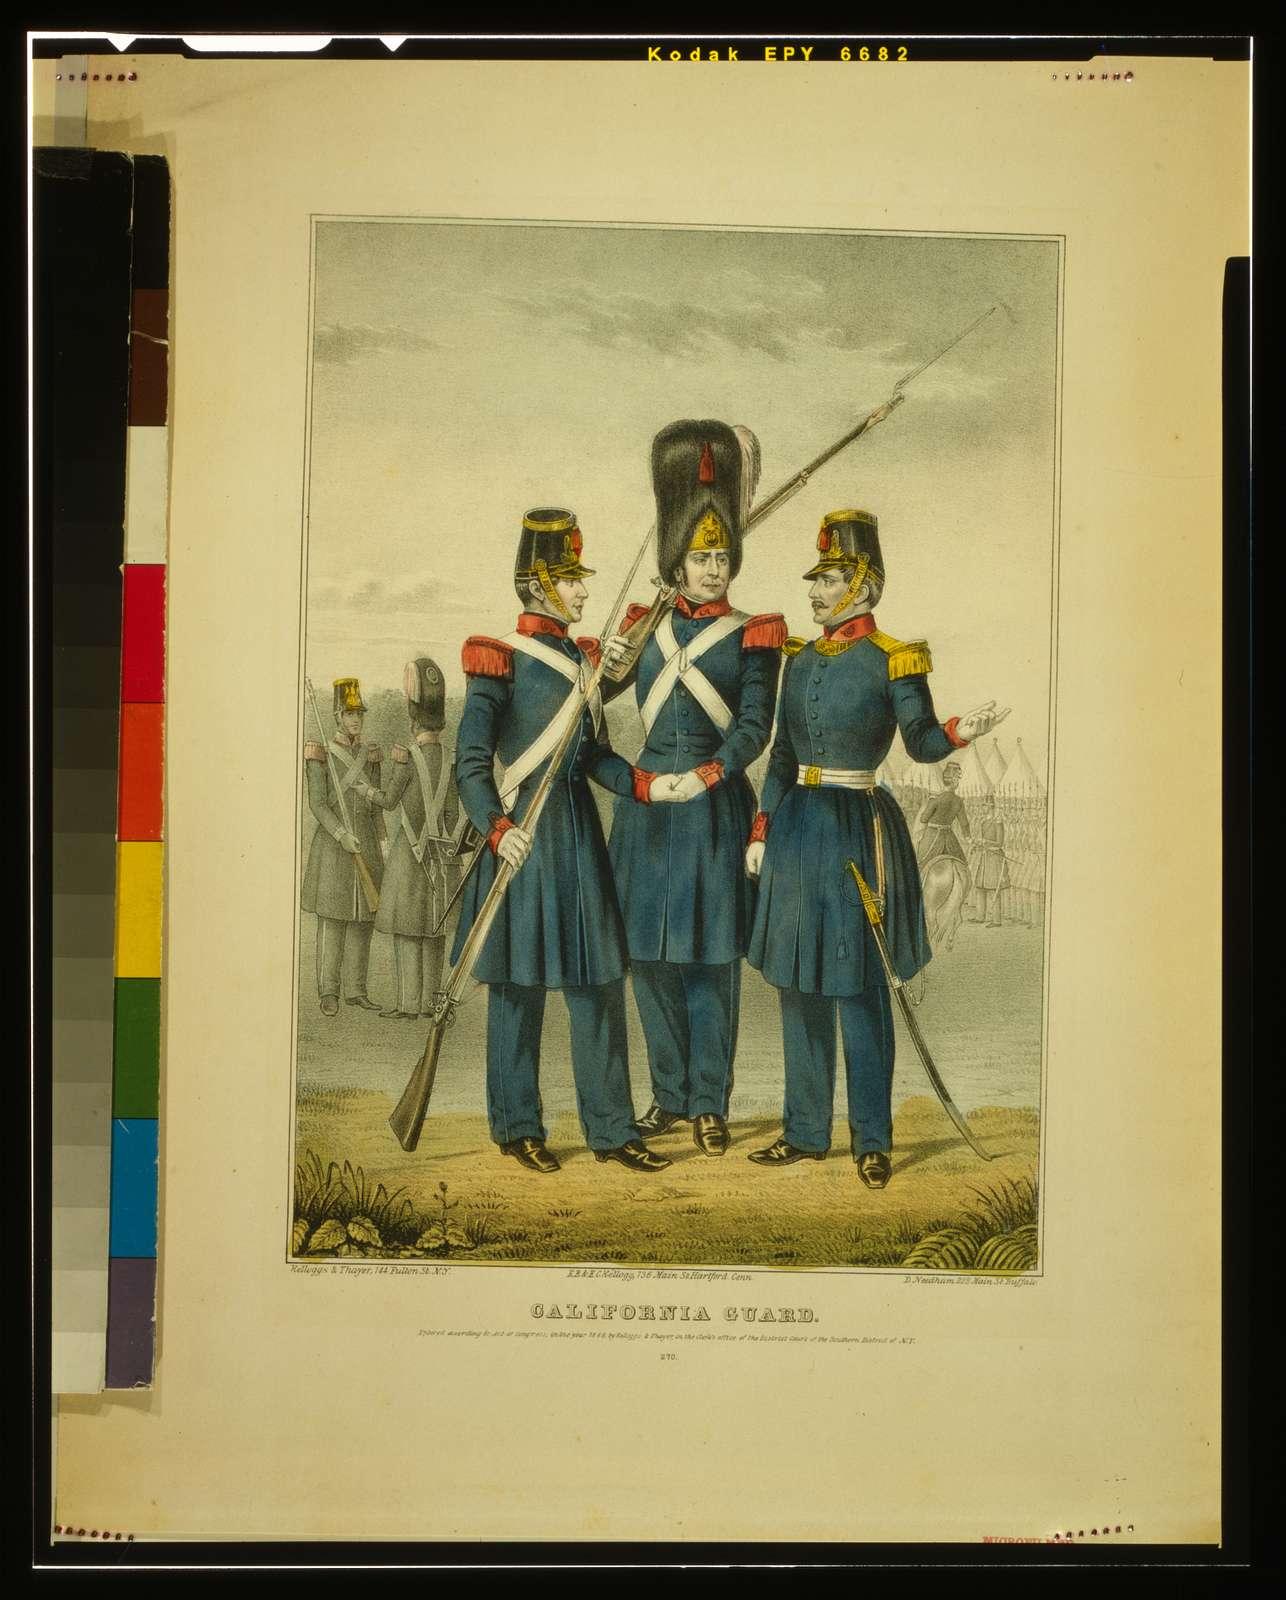 California guard / Kellogs & Thayer ; E.B. & E.C. Kellog ; D. Needham.